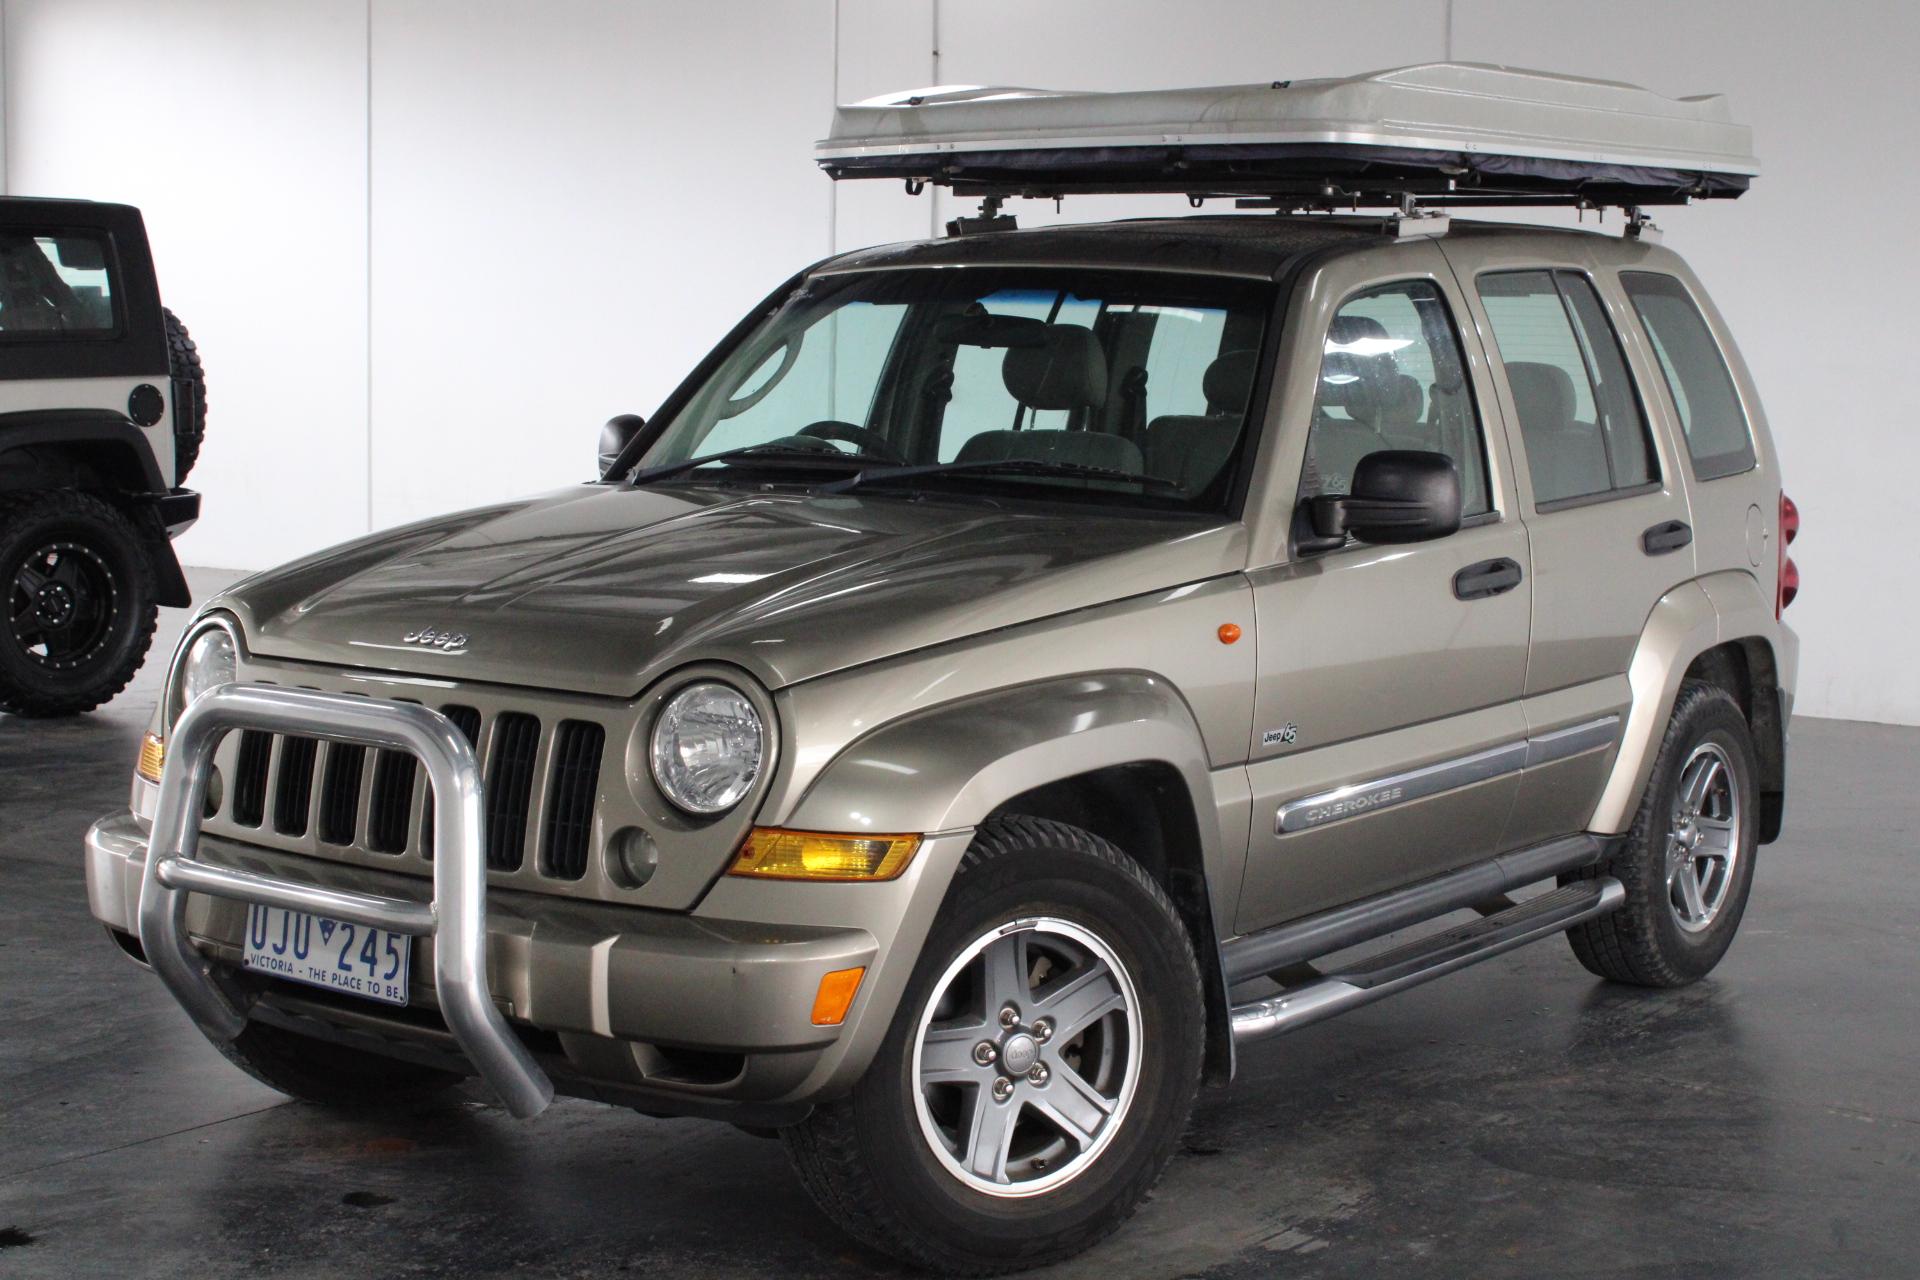 2006 Jeep Cherokee Sport (4x4) KJ Turbo Diesel Automatic Wagon